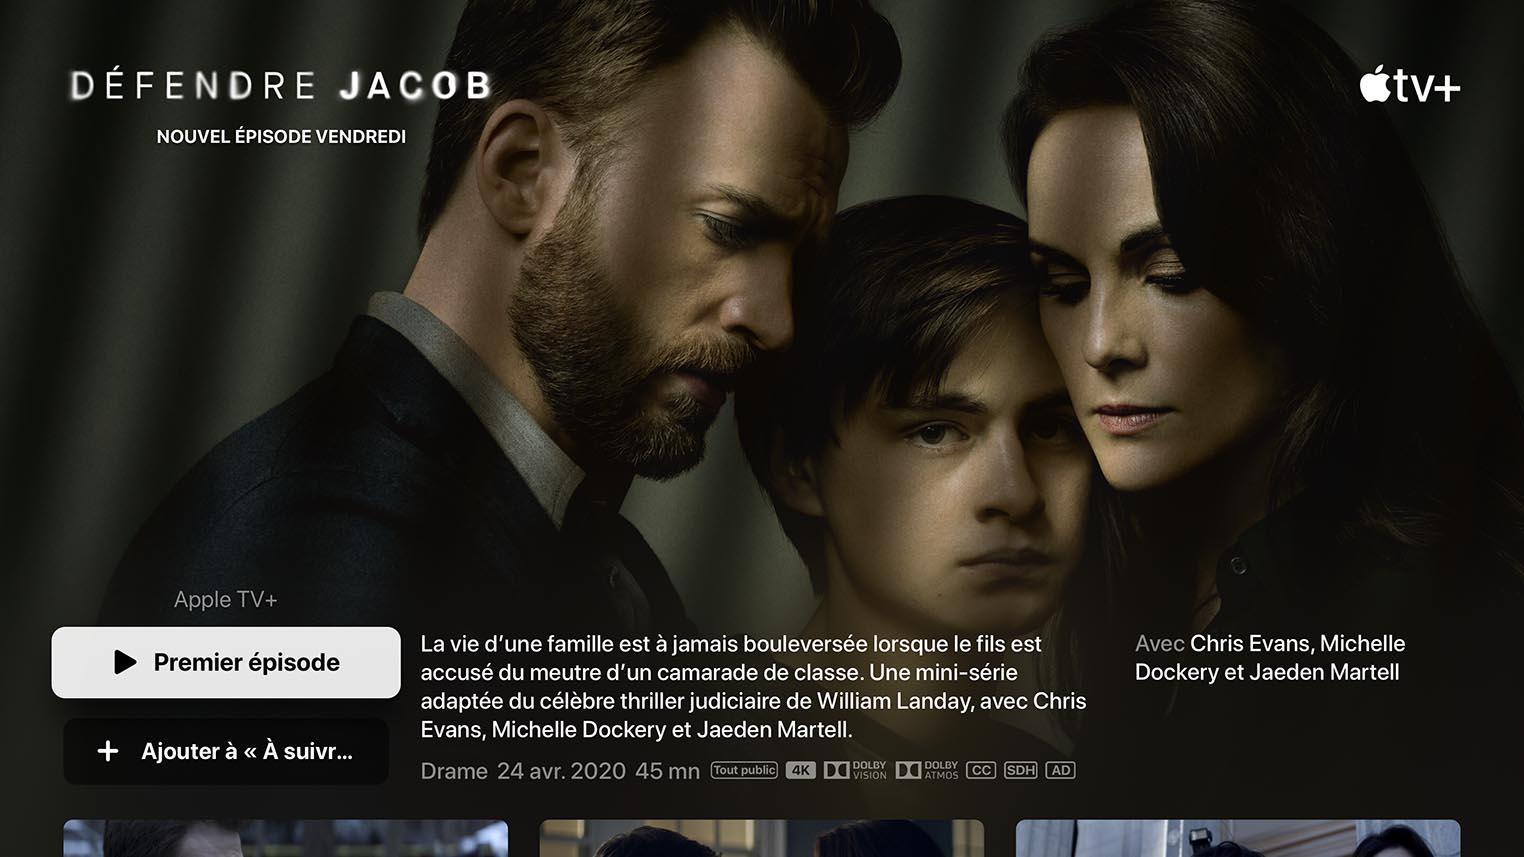 Défendre Jacob Apple TV+